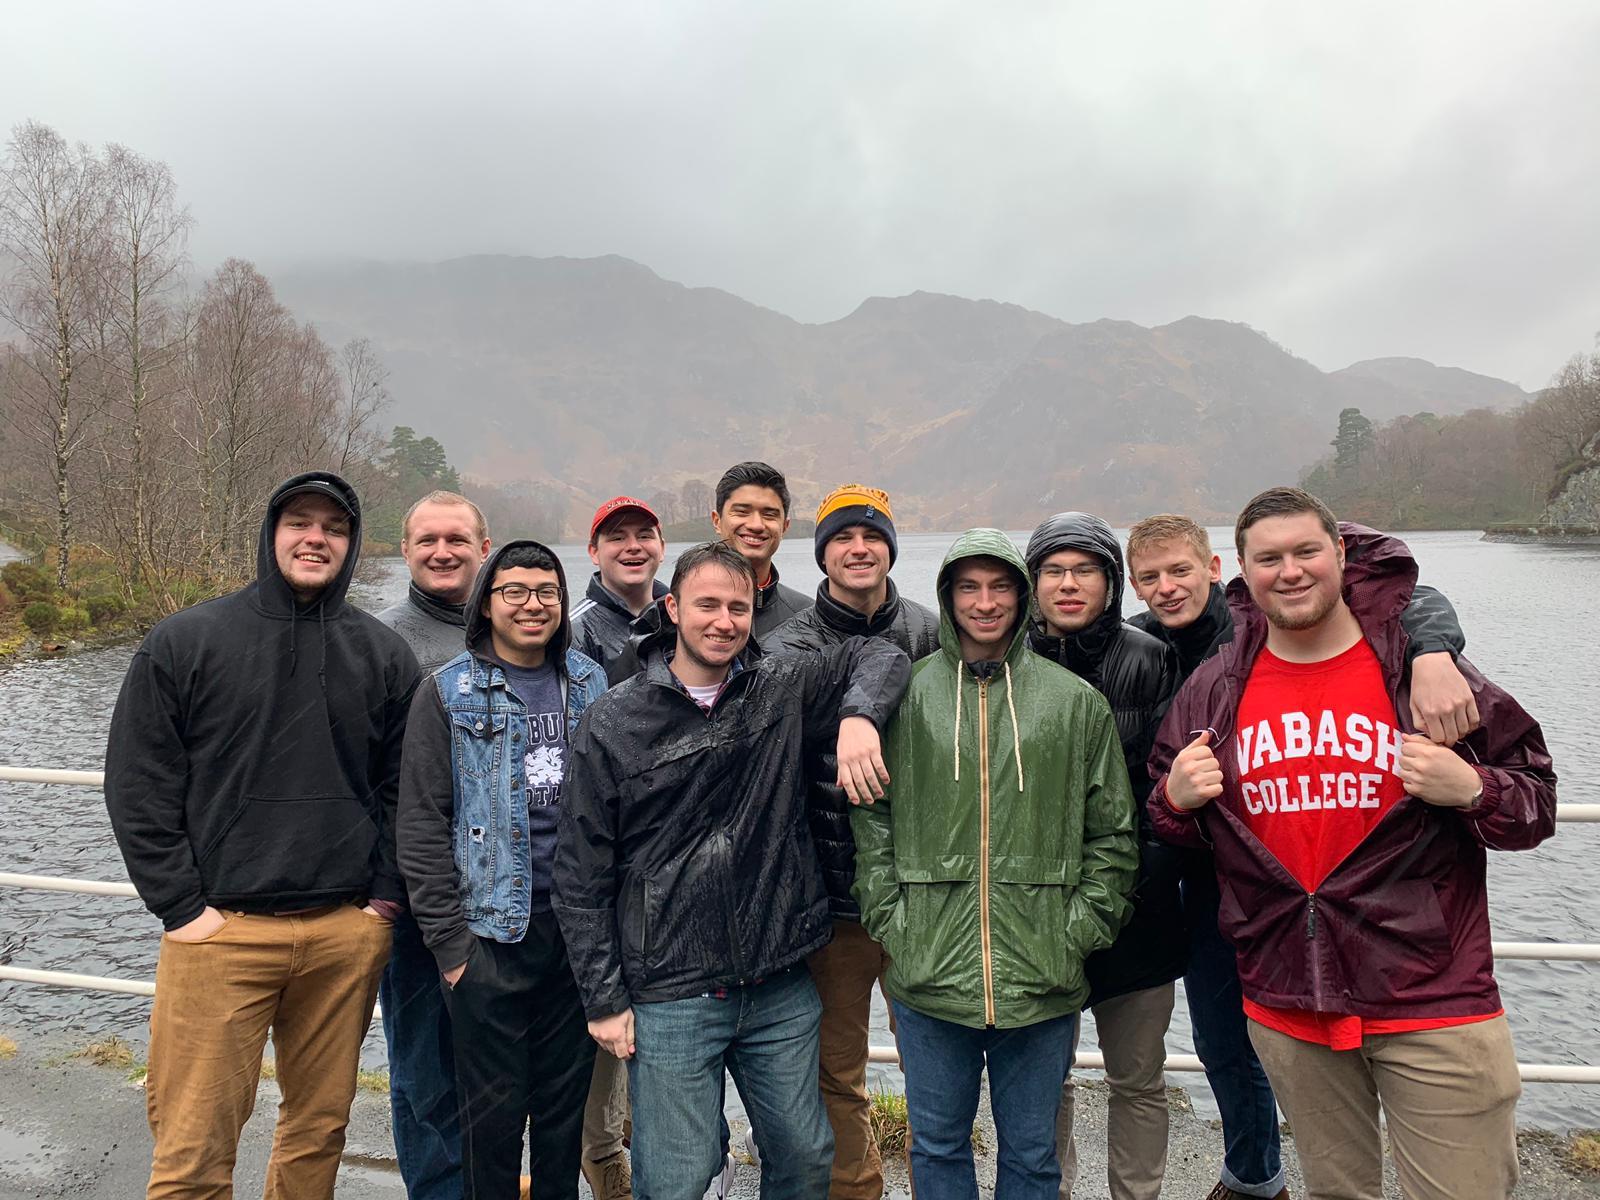 Wabash College men